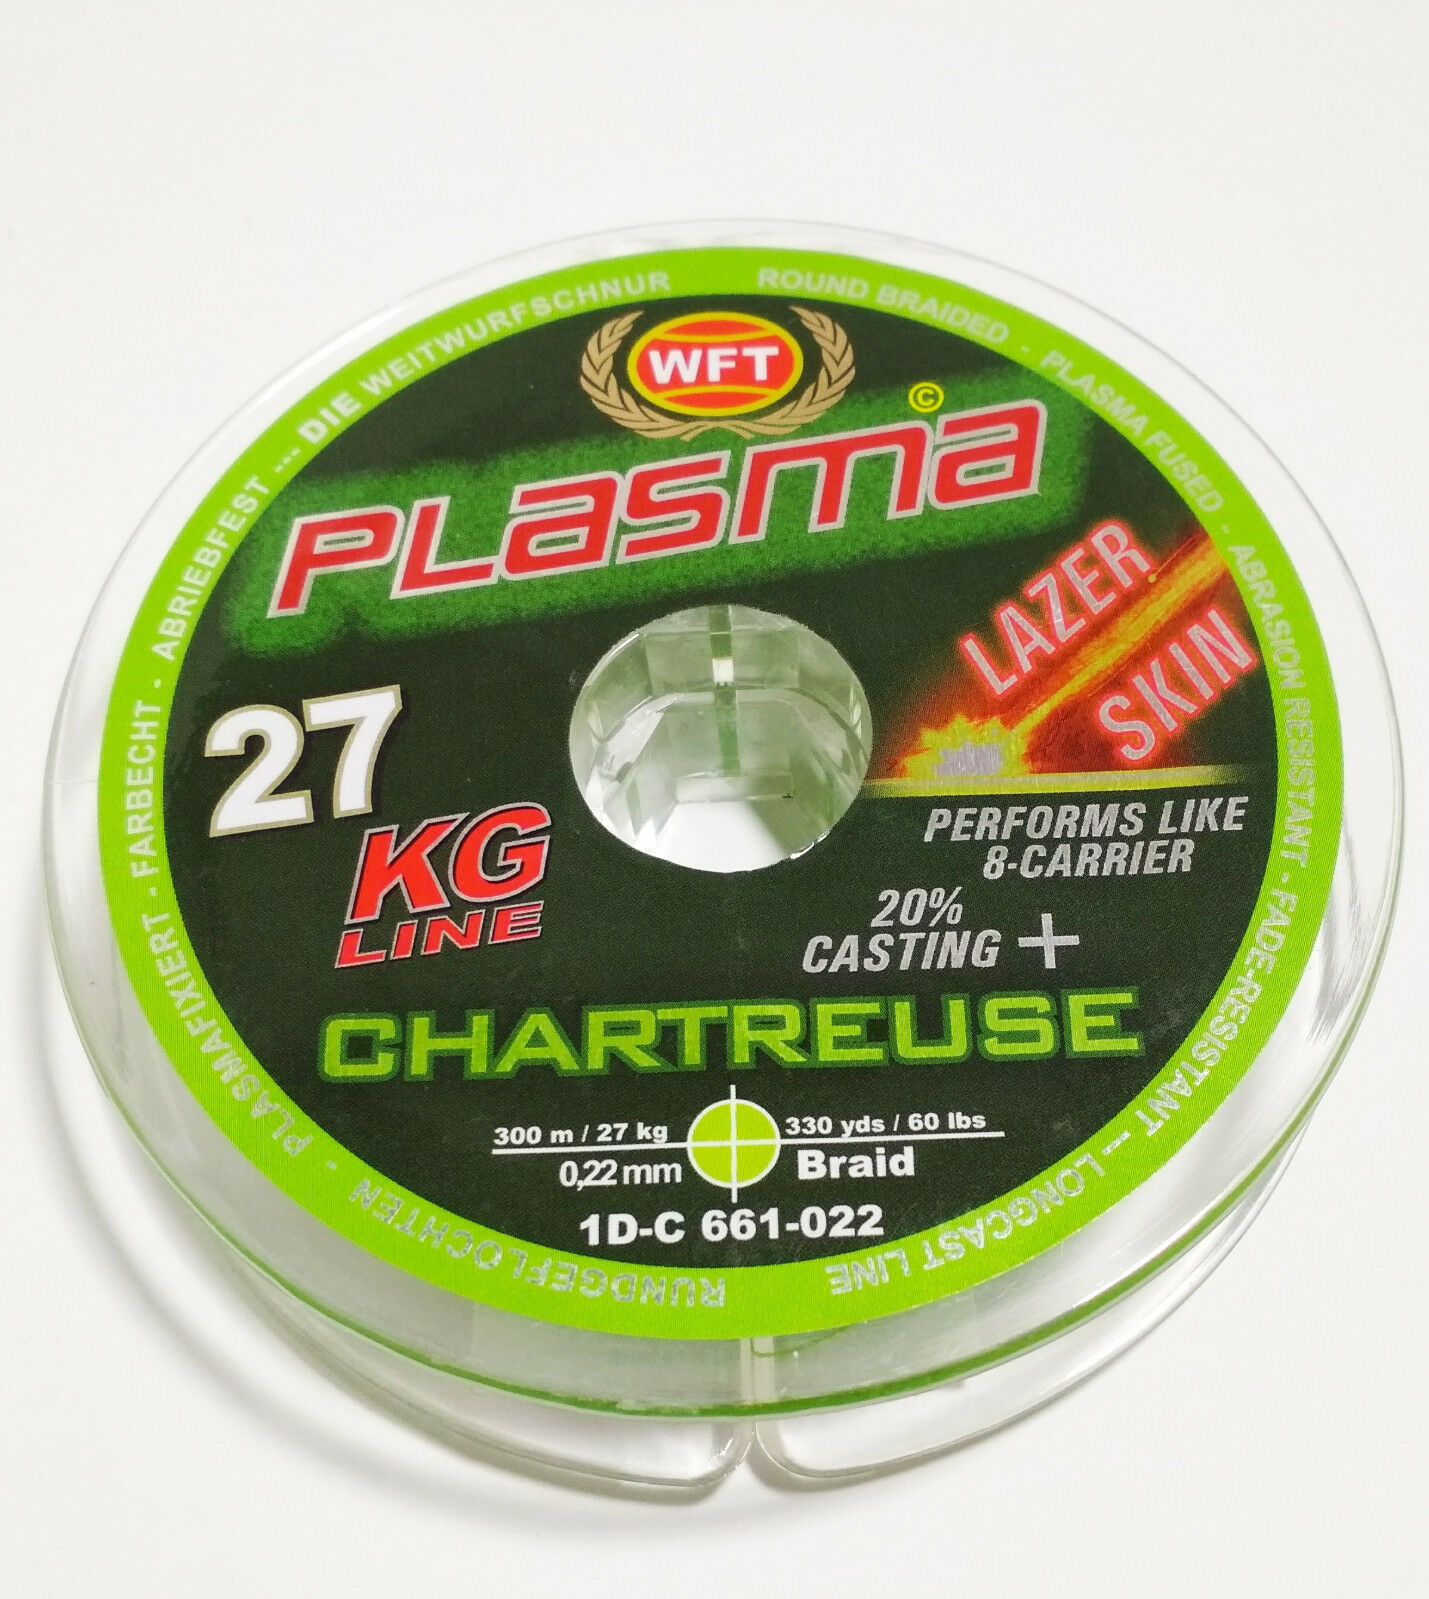 WFT Plasma 27KG Line Lazer Skin color Chartreuse 0.22mm 300meters